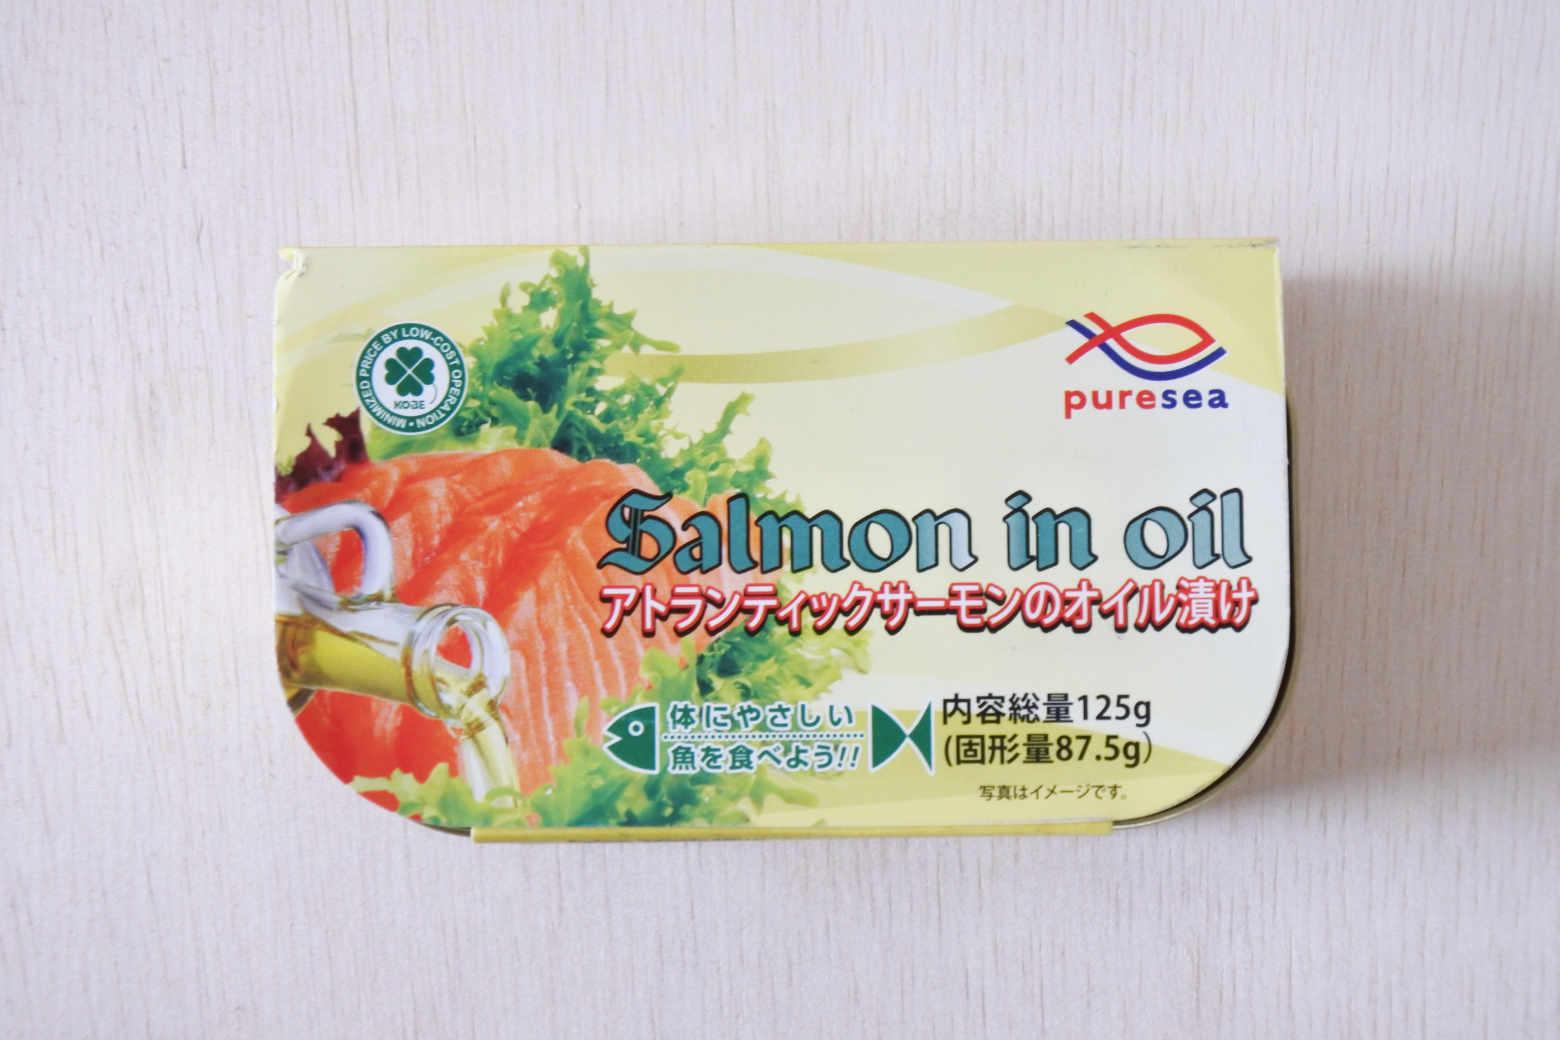 業務スーパー:アトランティックサーモンのオイル漬けは真にシンプル【缶詰】